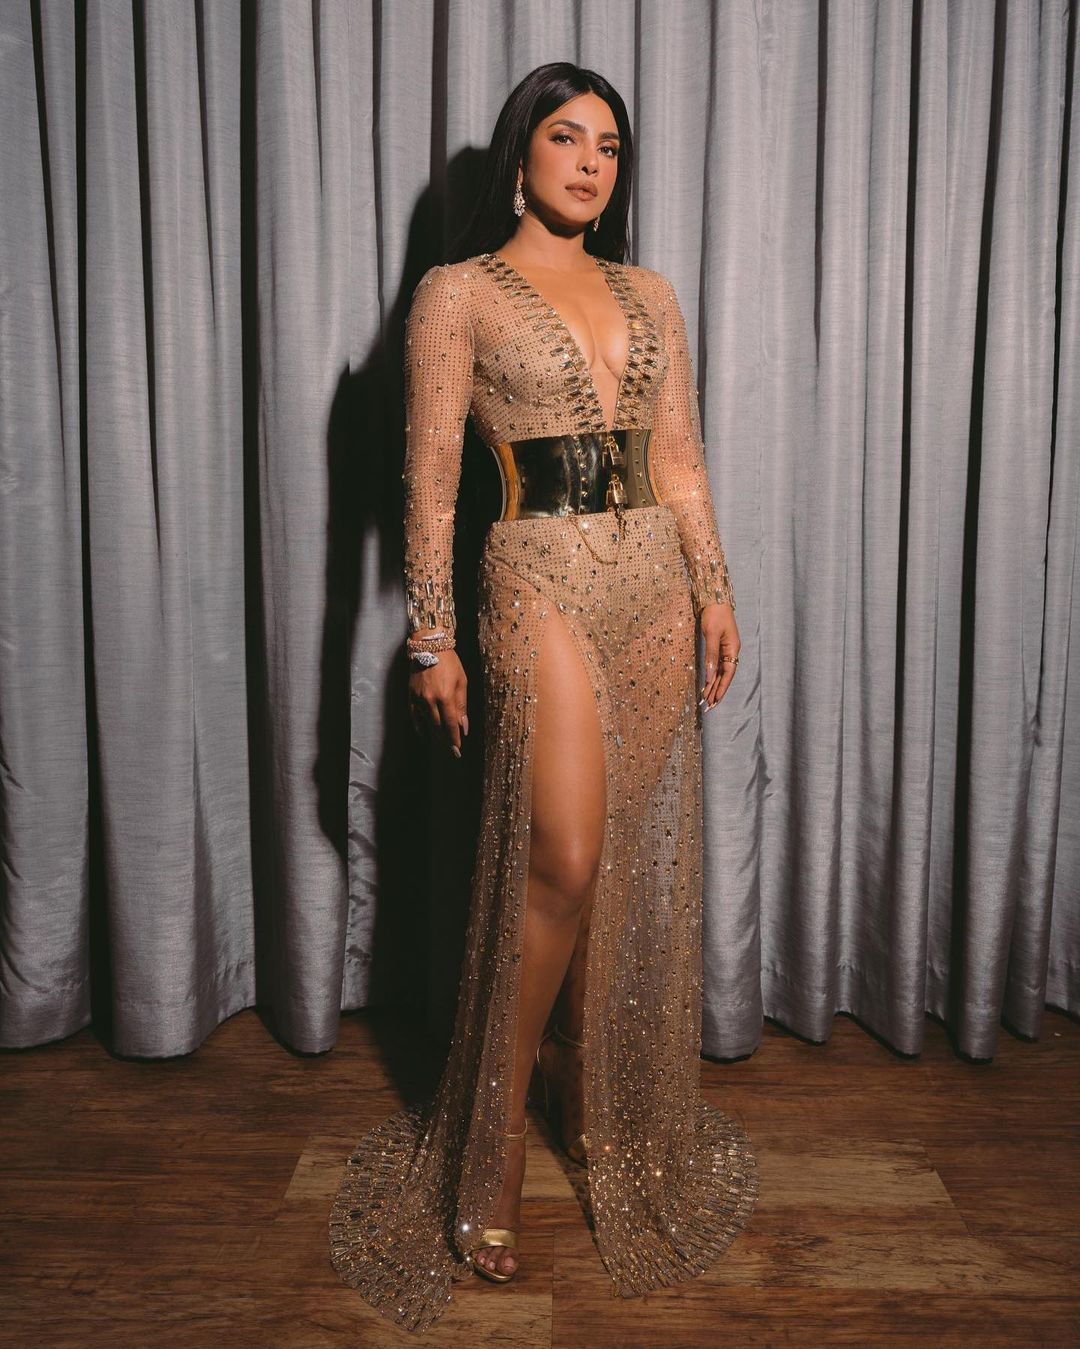 Priyanka Chopra in Dolce Gabbana